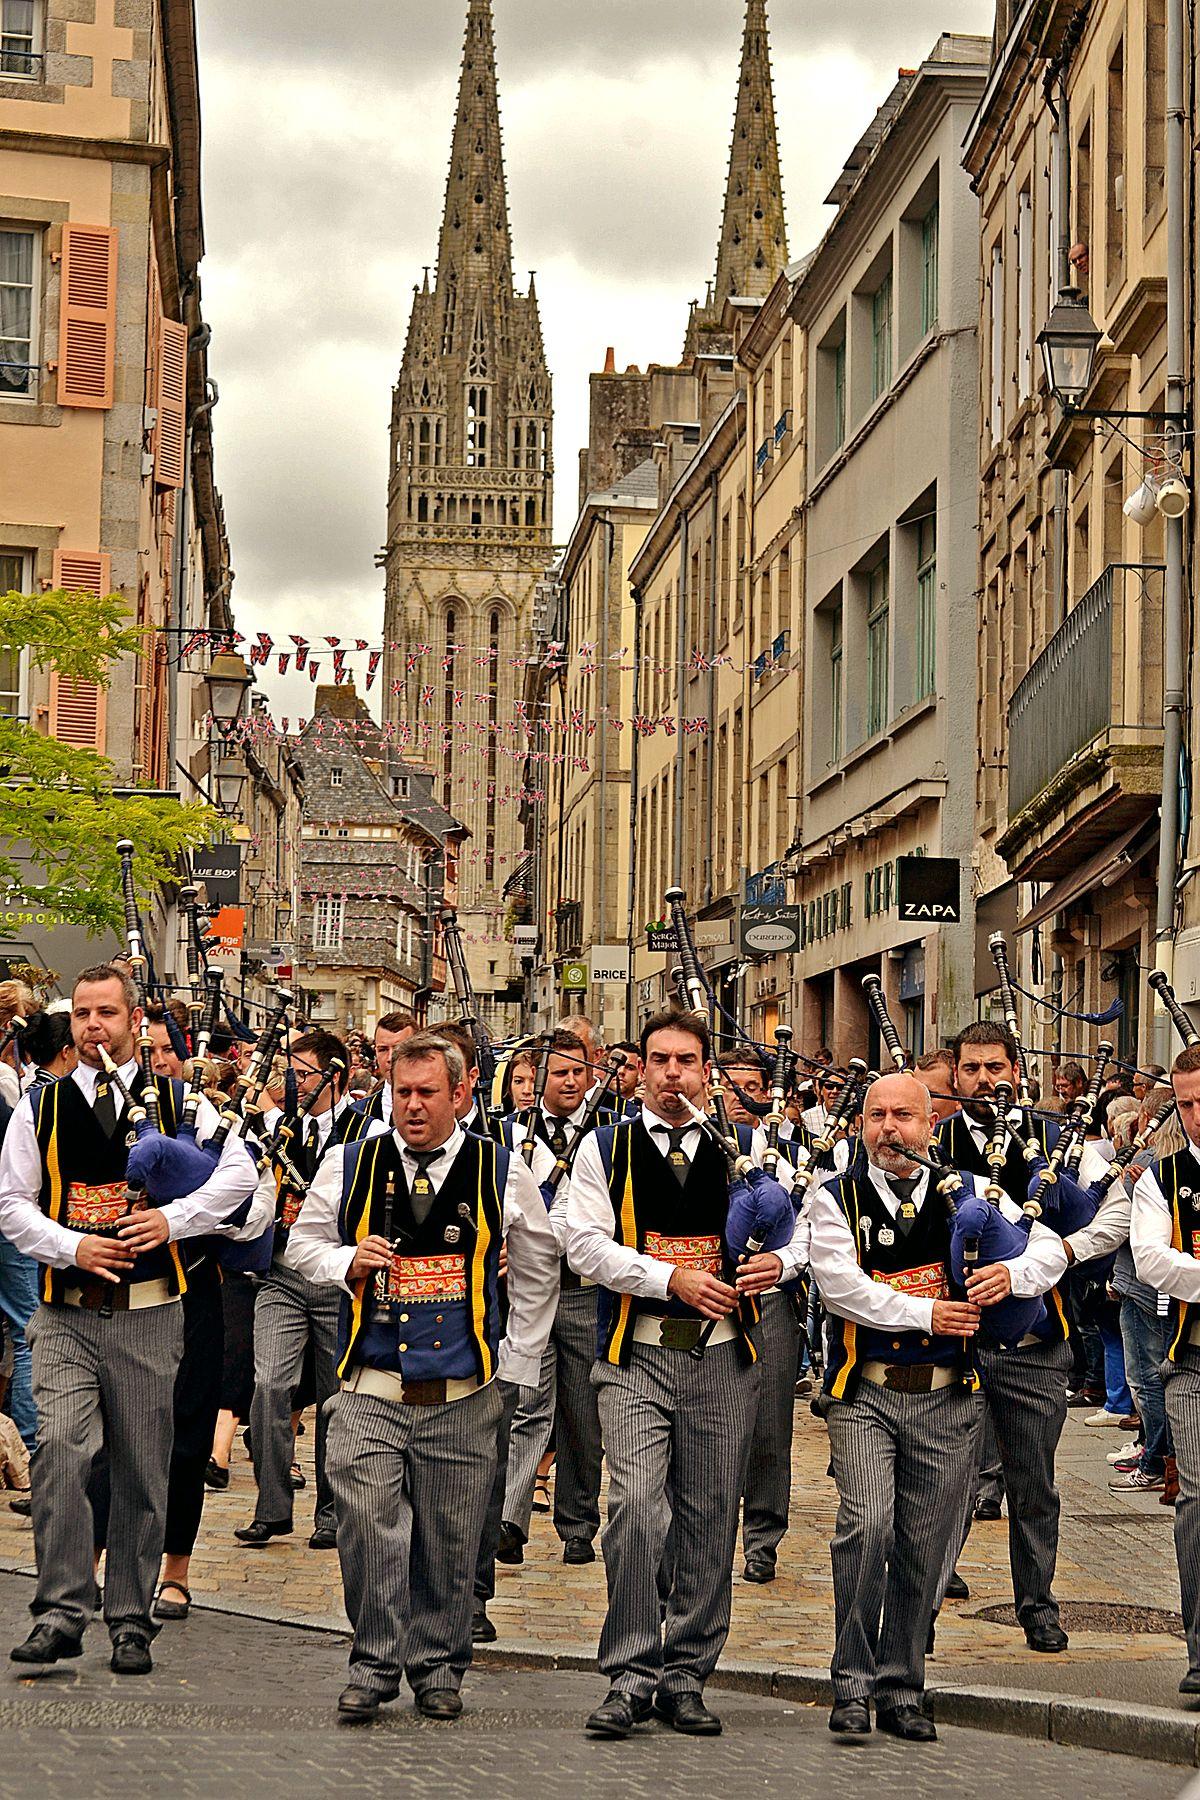 Festival de Cornouaille  Wikipedia